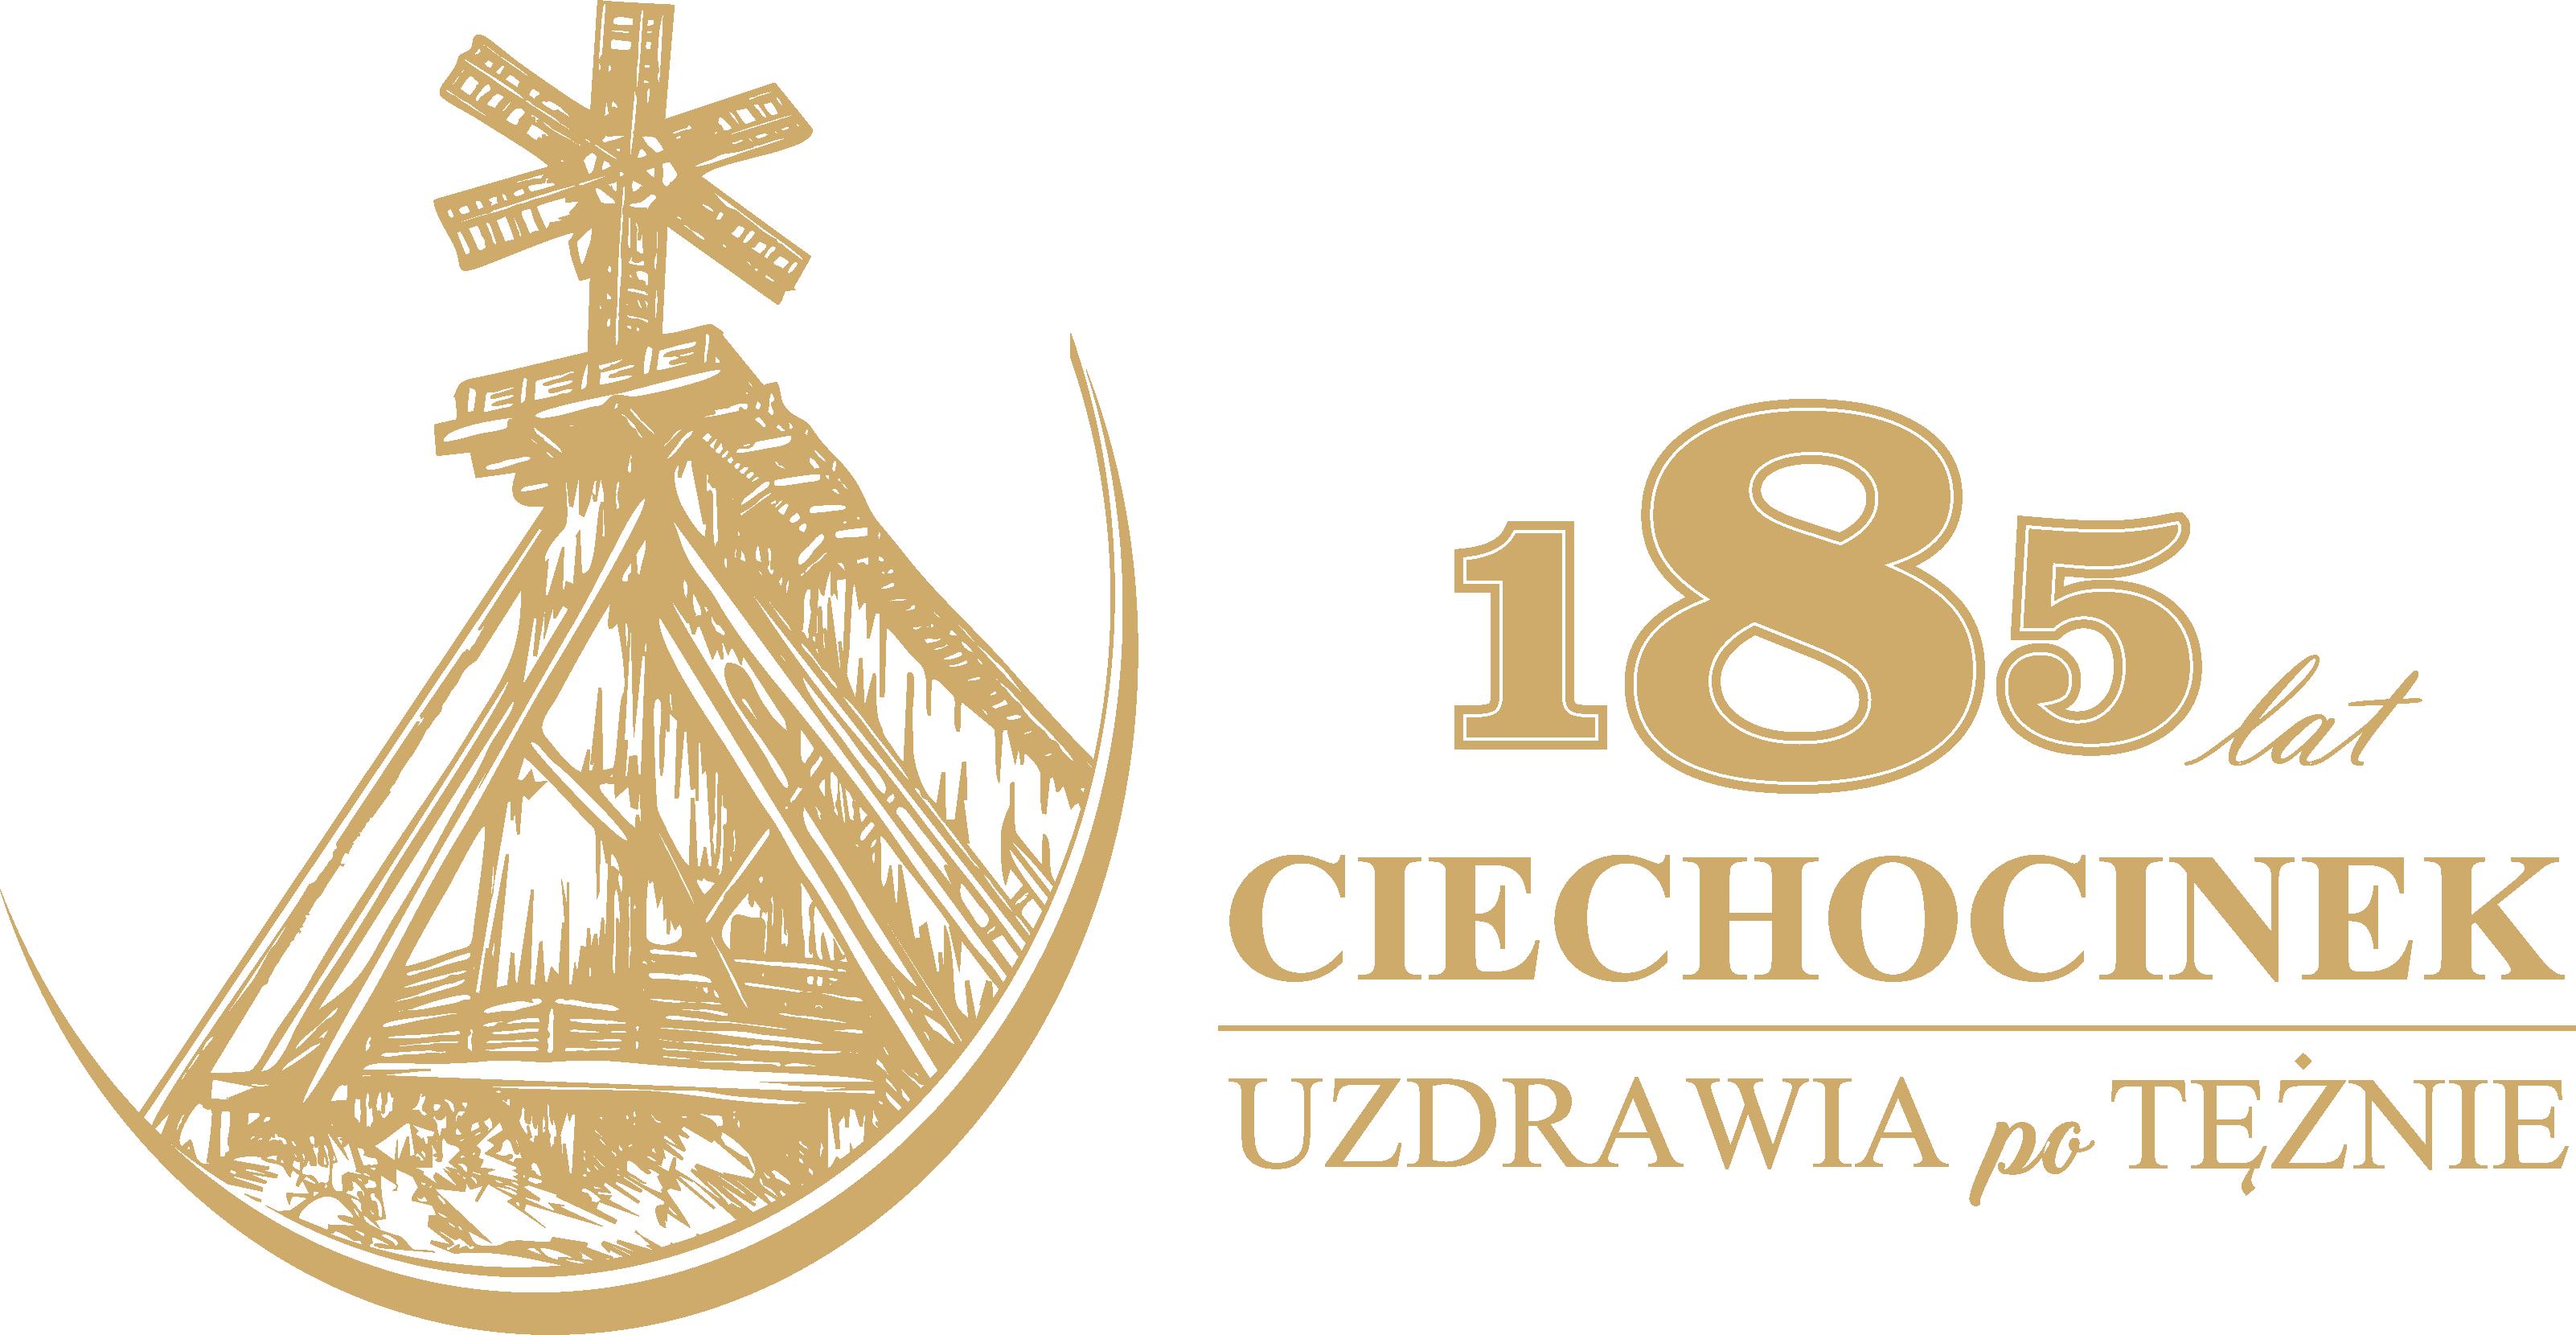 Ciechocinek.pl